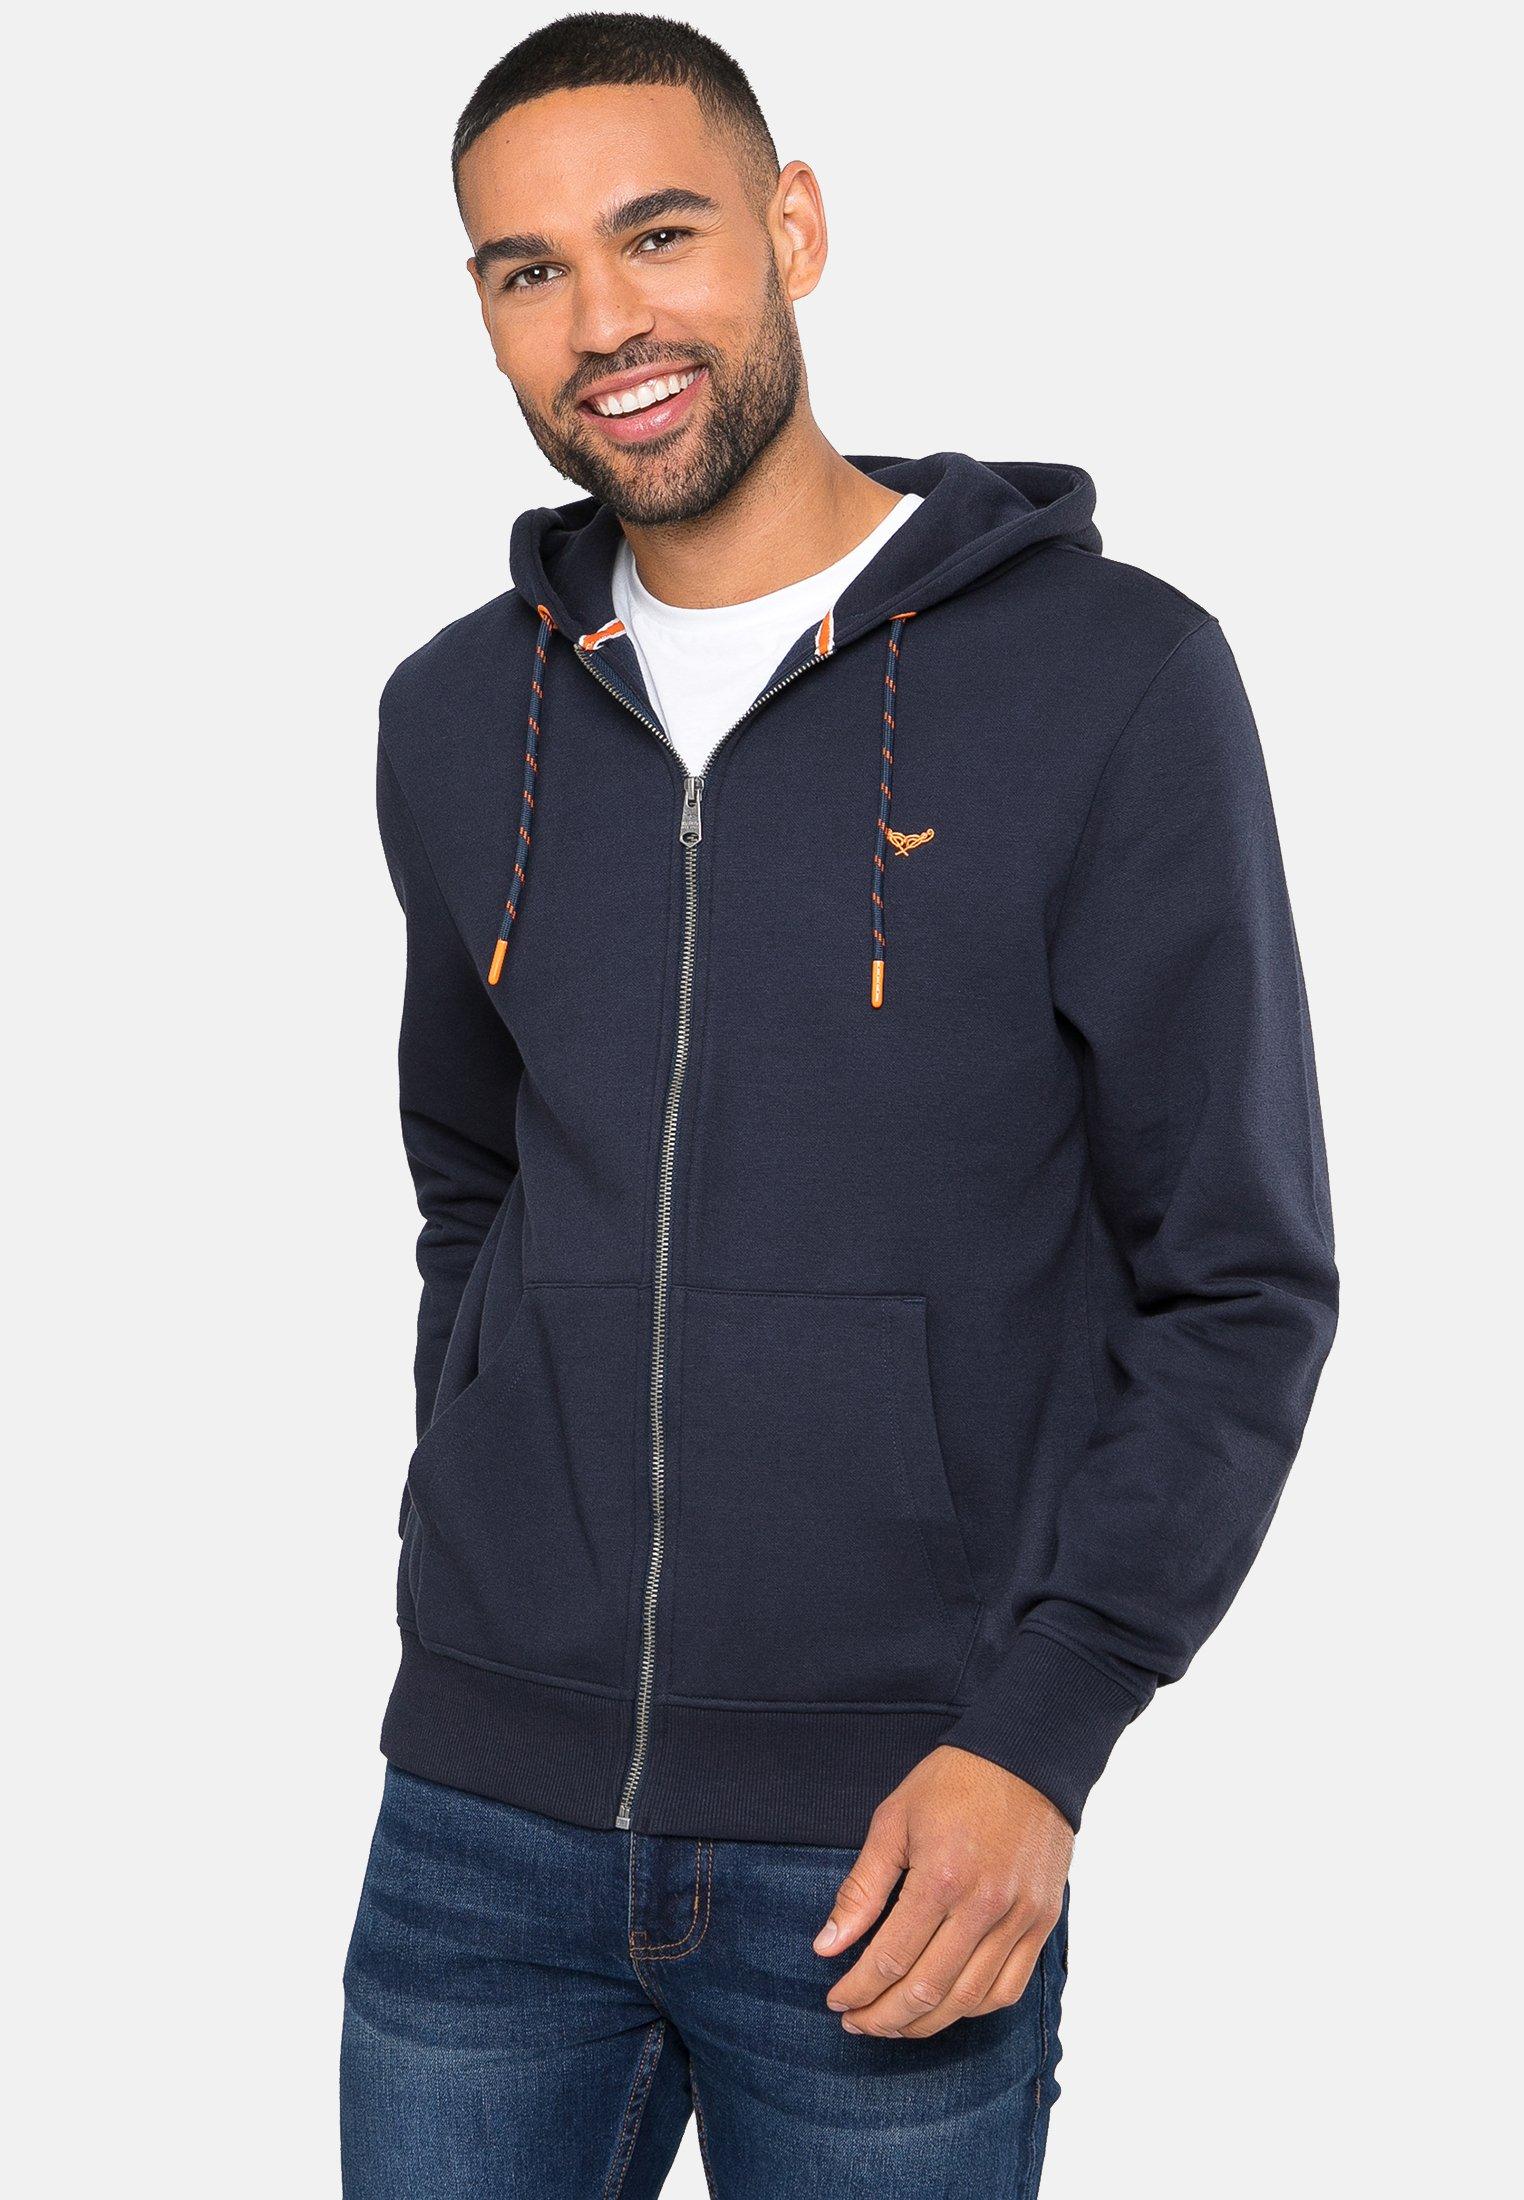 Sweatshirt jacke ohne kapuze Converse Sweatjacken für Herren